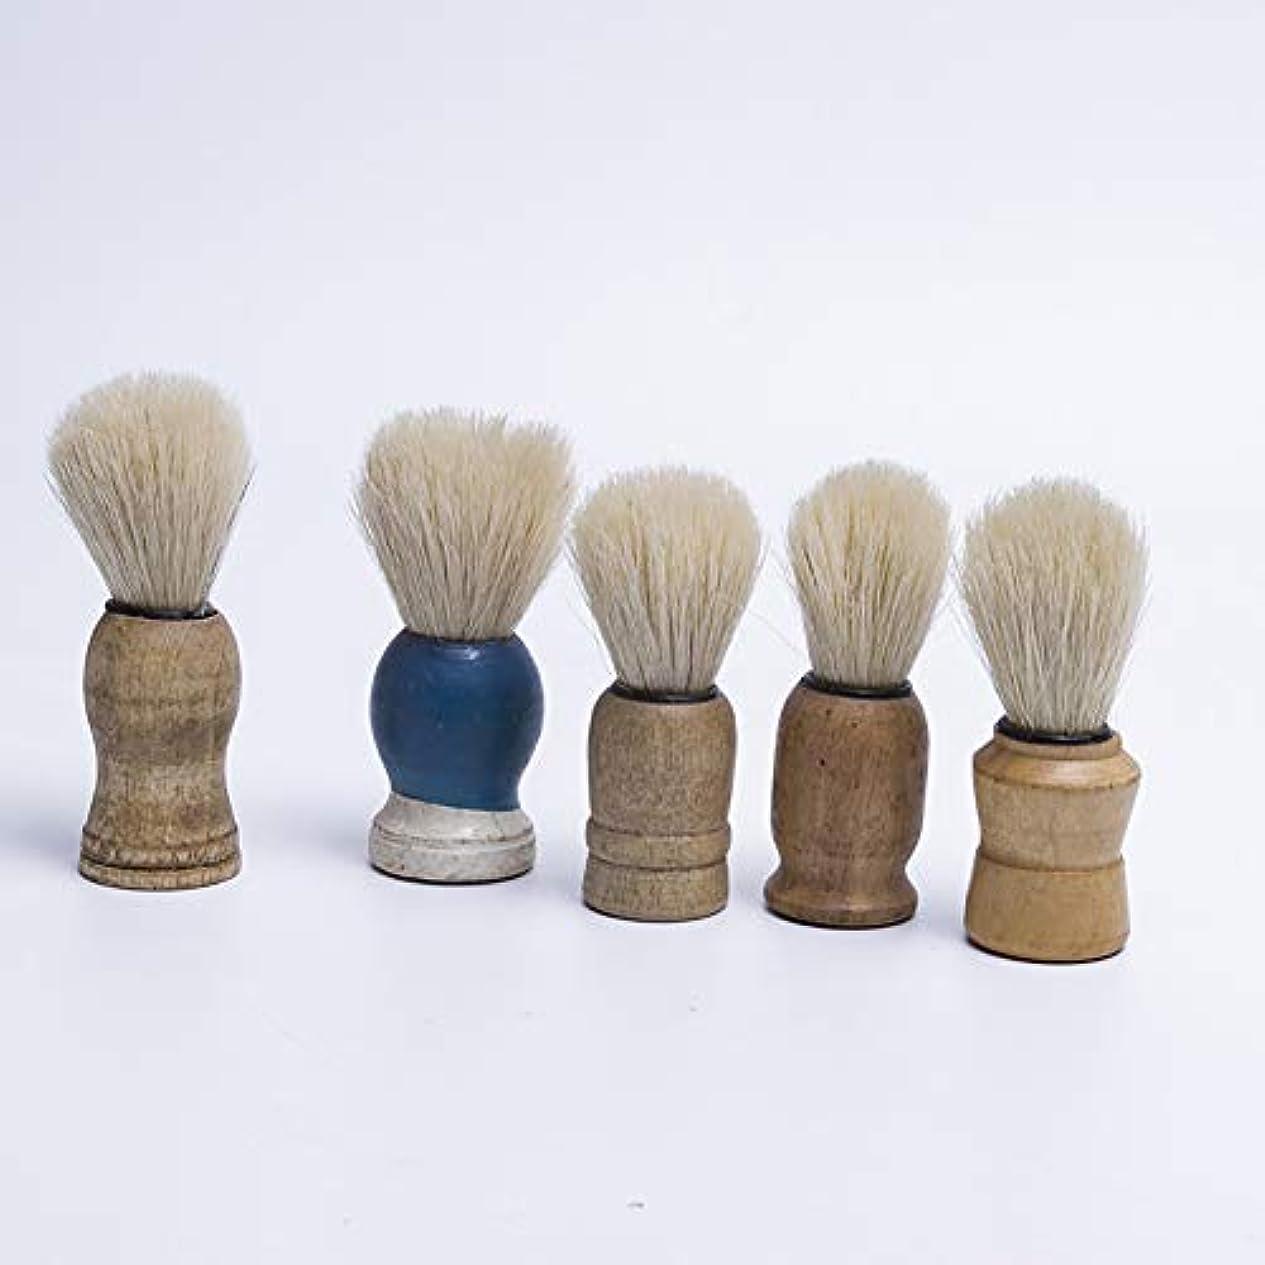 ACHICOO 木製 ハンドルが付いている人 髭そり ブラシ 大広間 クリーニング 電気器具 剃毛用具 ブラシを剃っている人